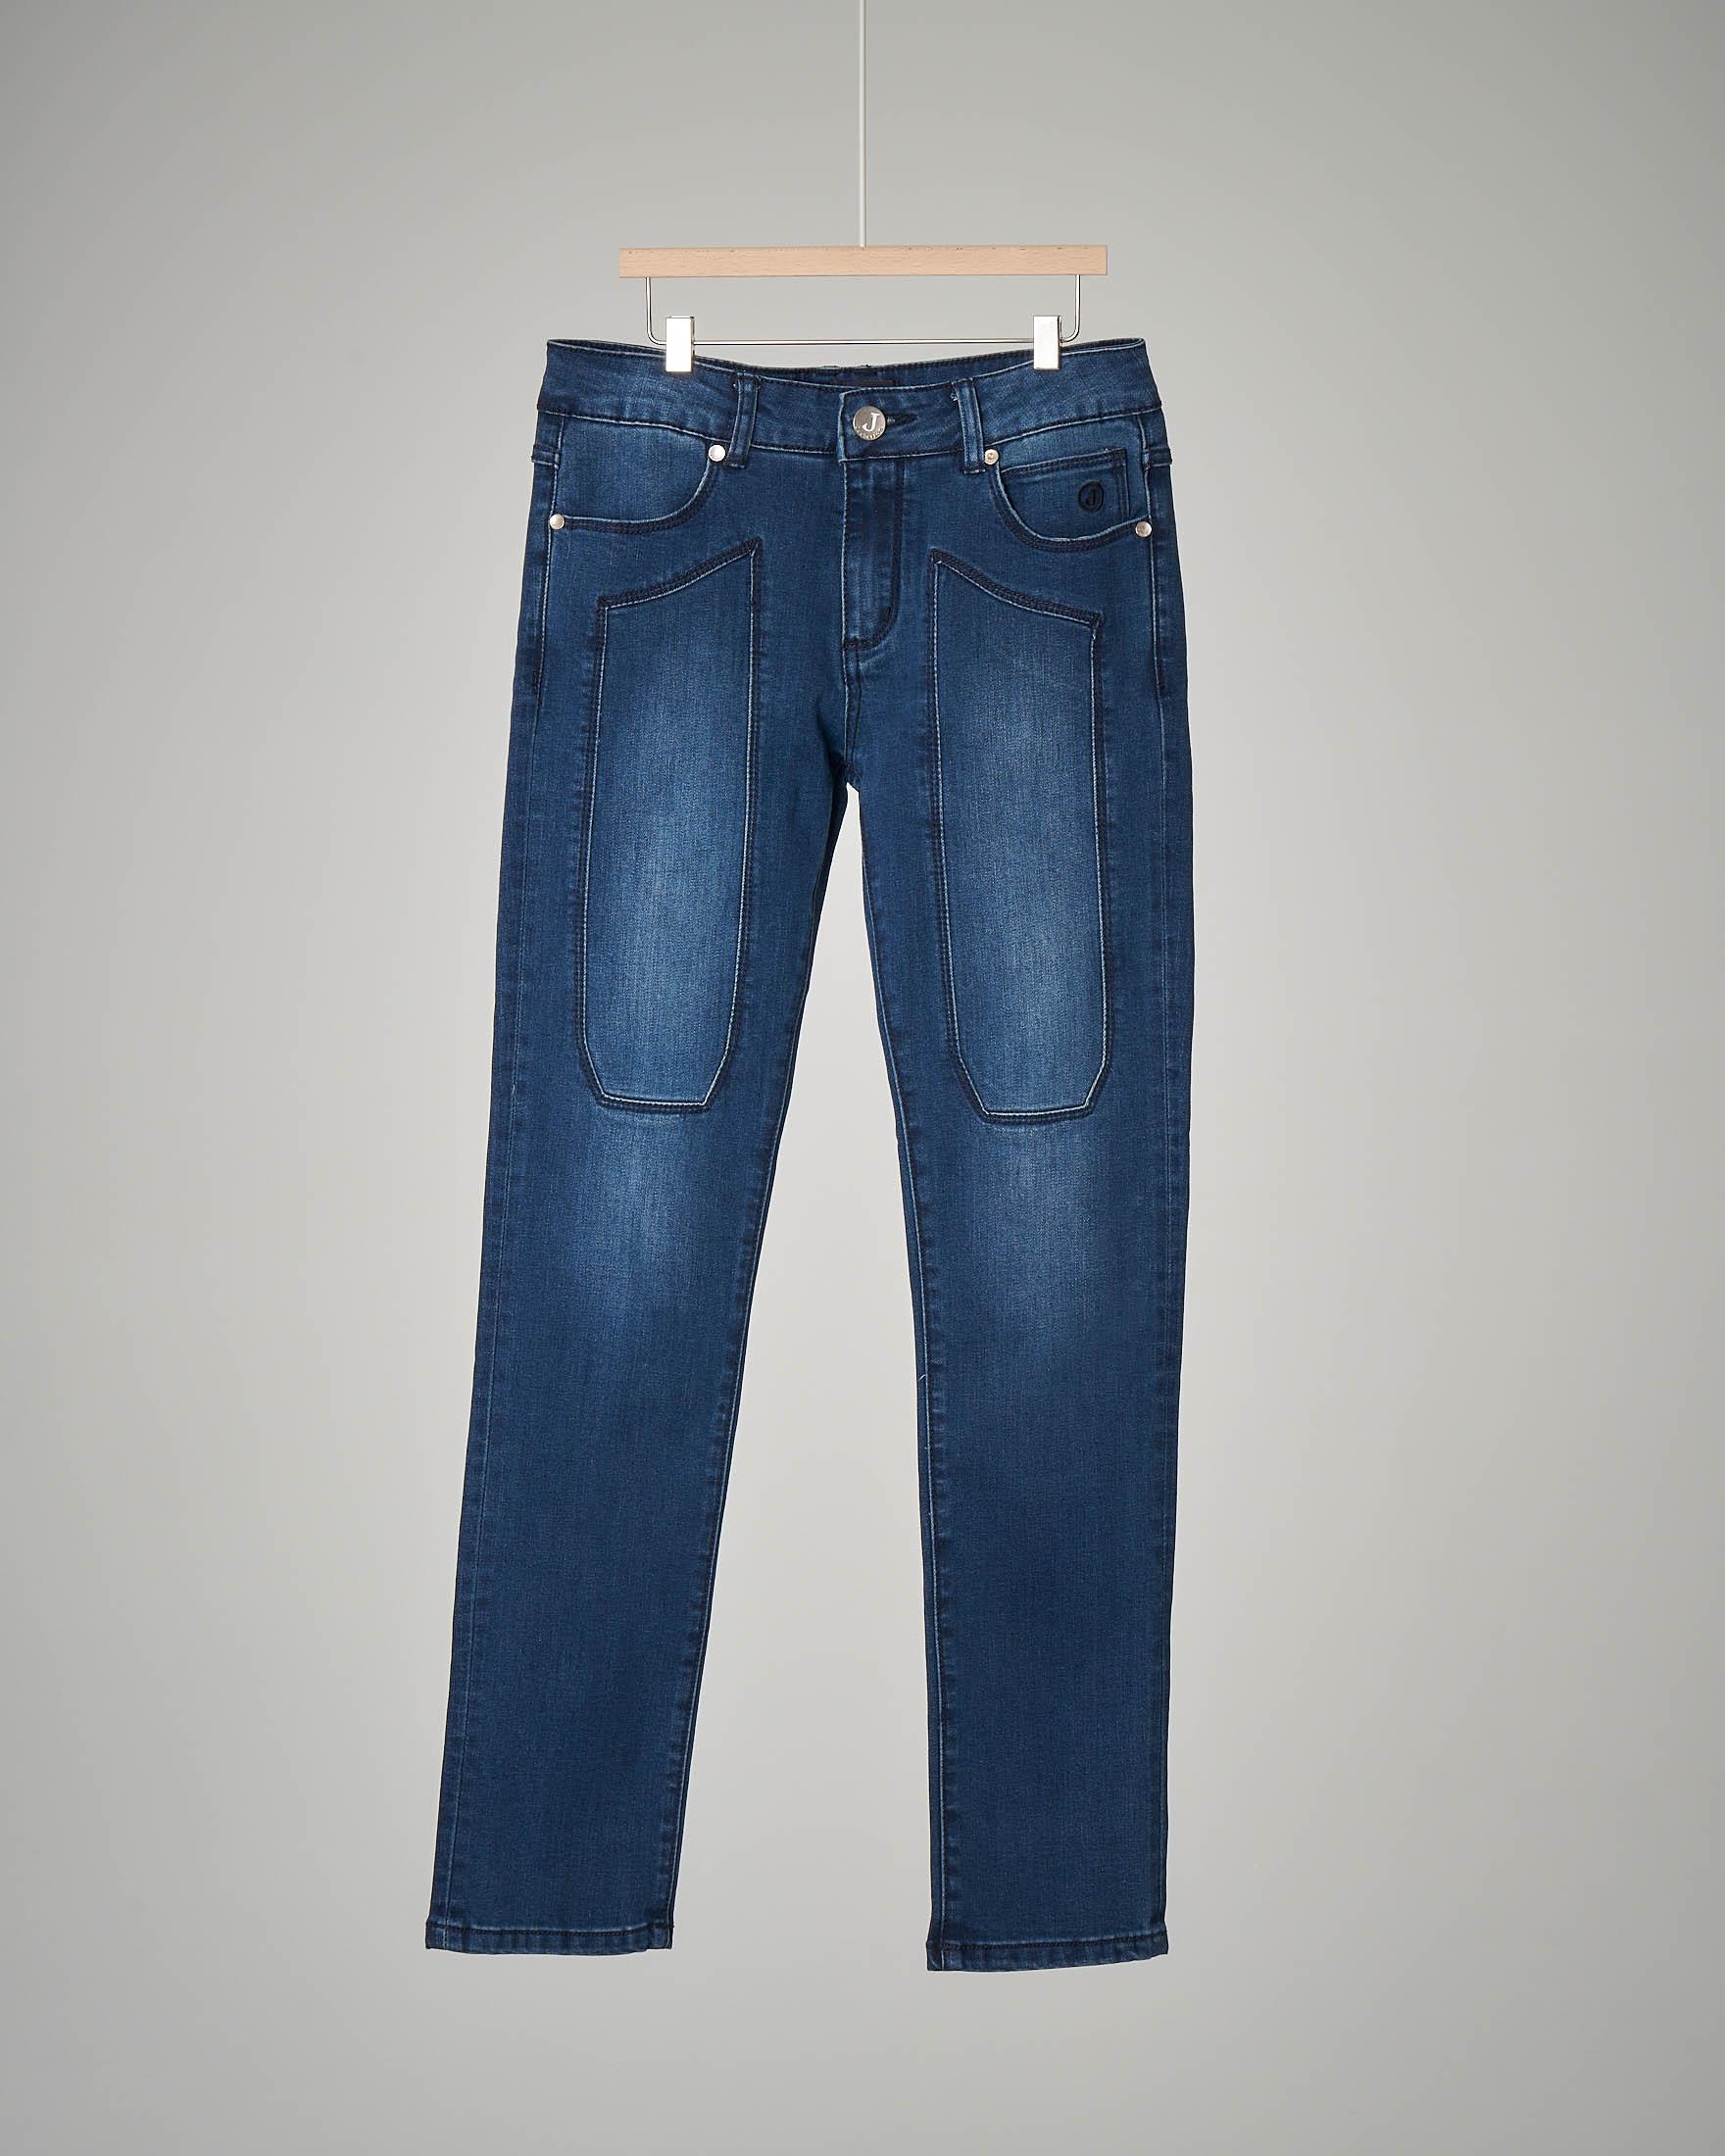 Jeans lavaggio medio-scuro sbiancato con toppe